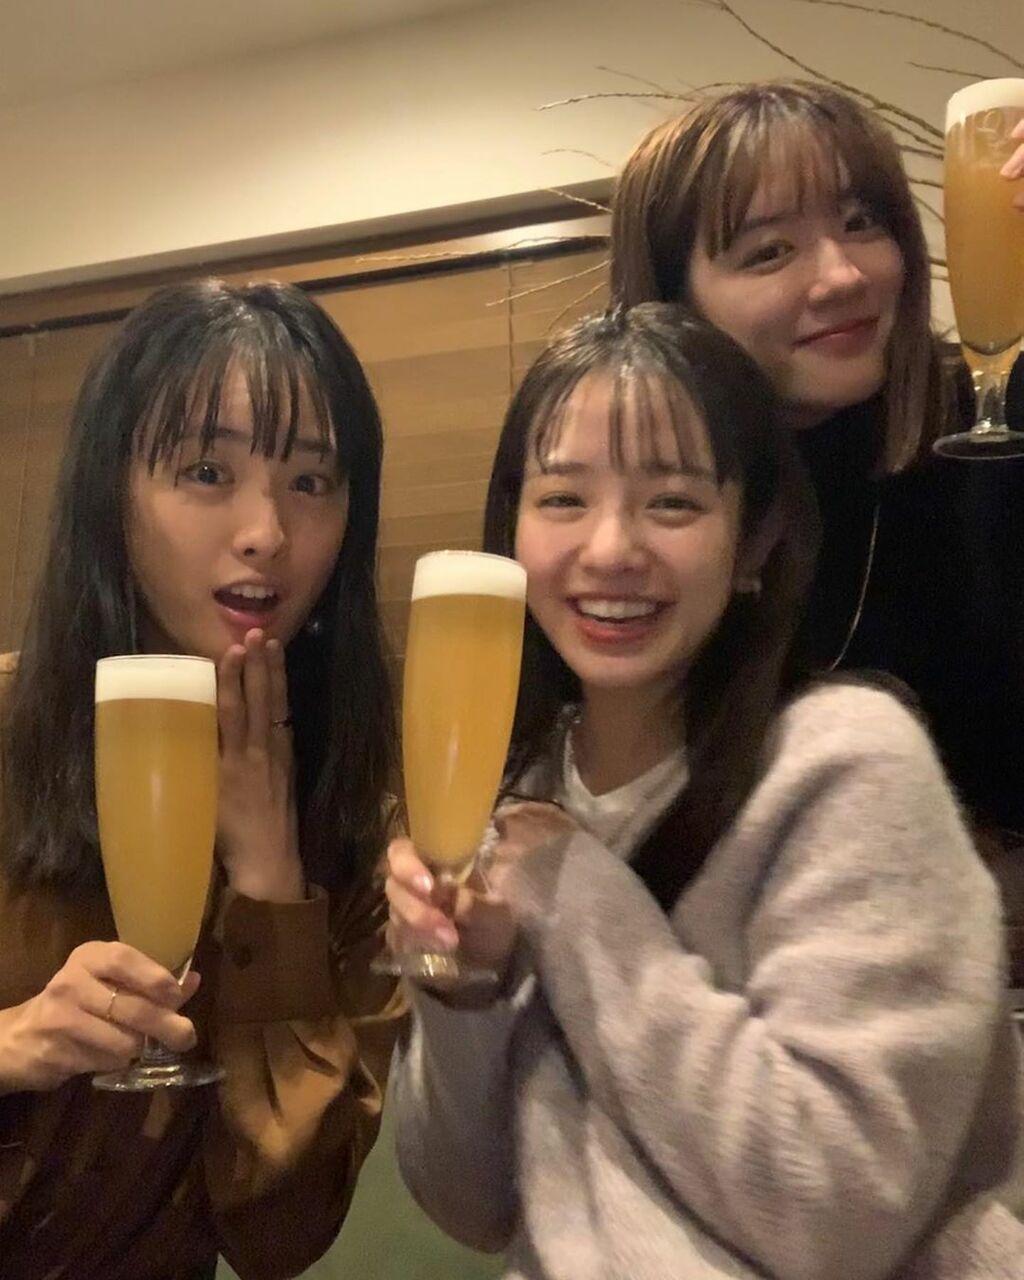 横田真悠・永野芽郁・大友花恋がそろって20歳 乾杯ショットに反響「最高すぎるこの3人組